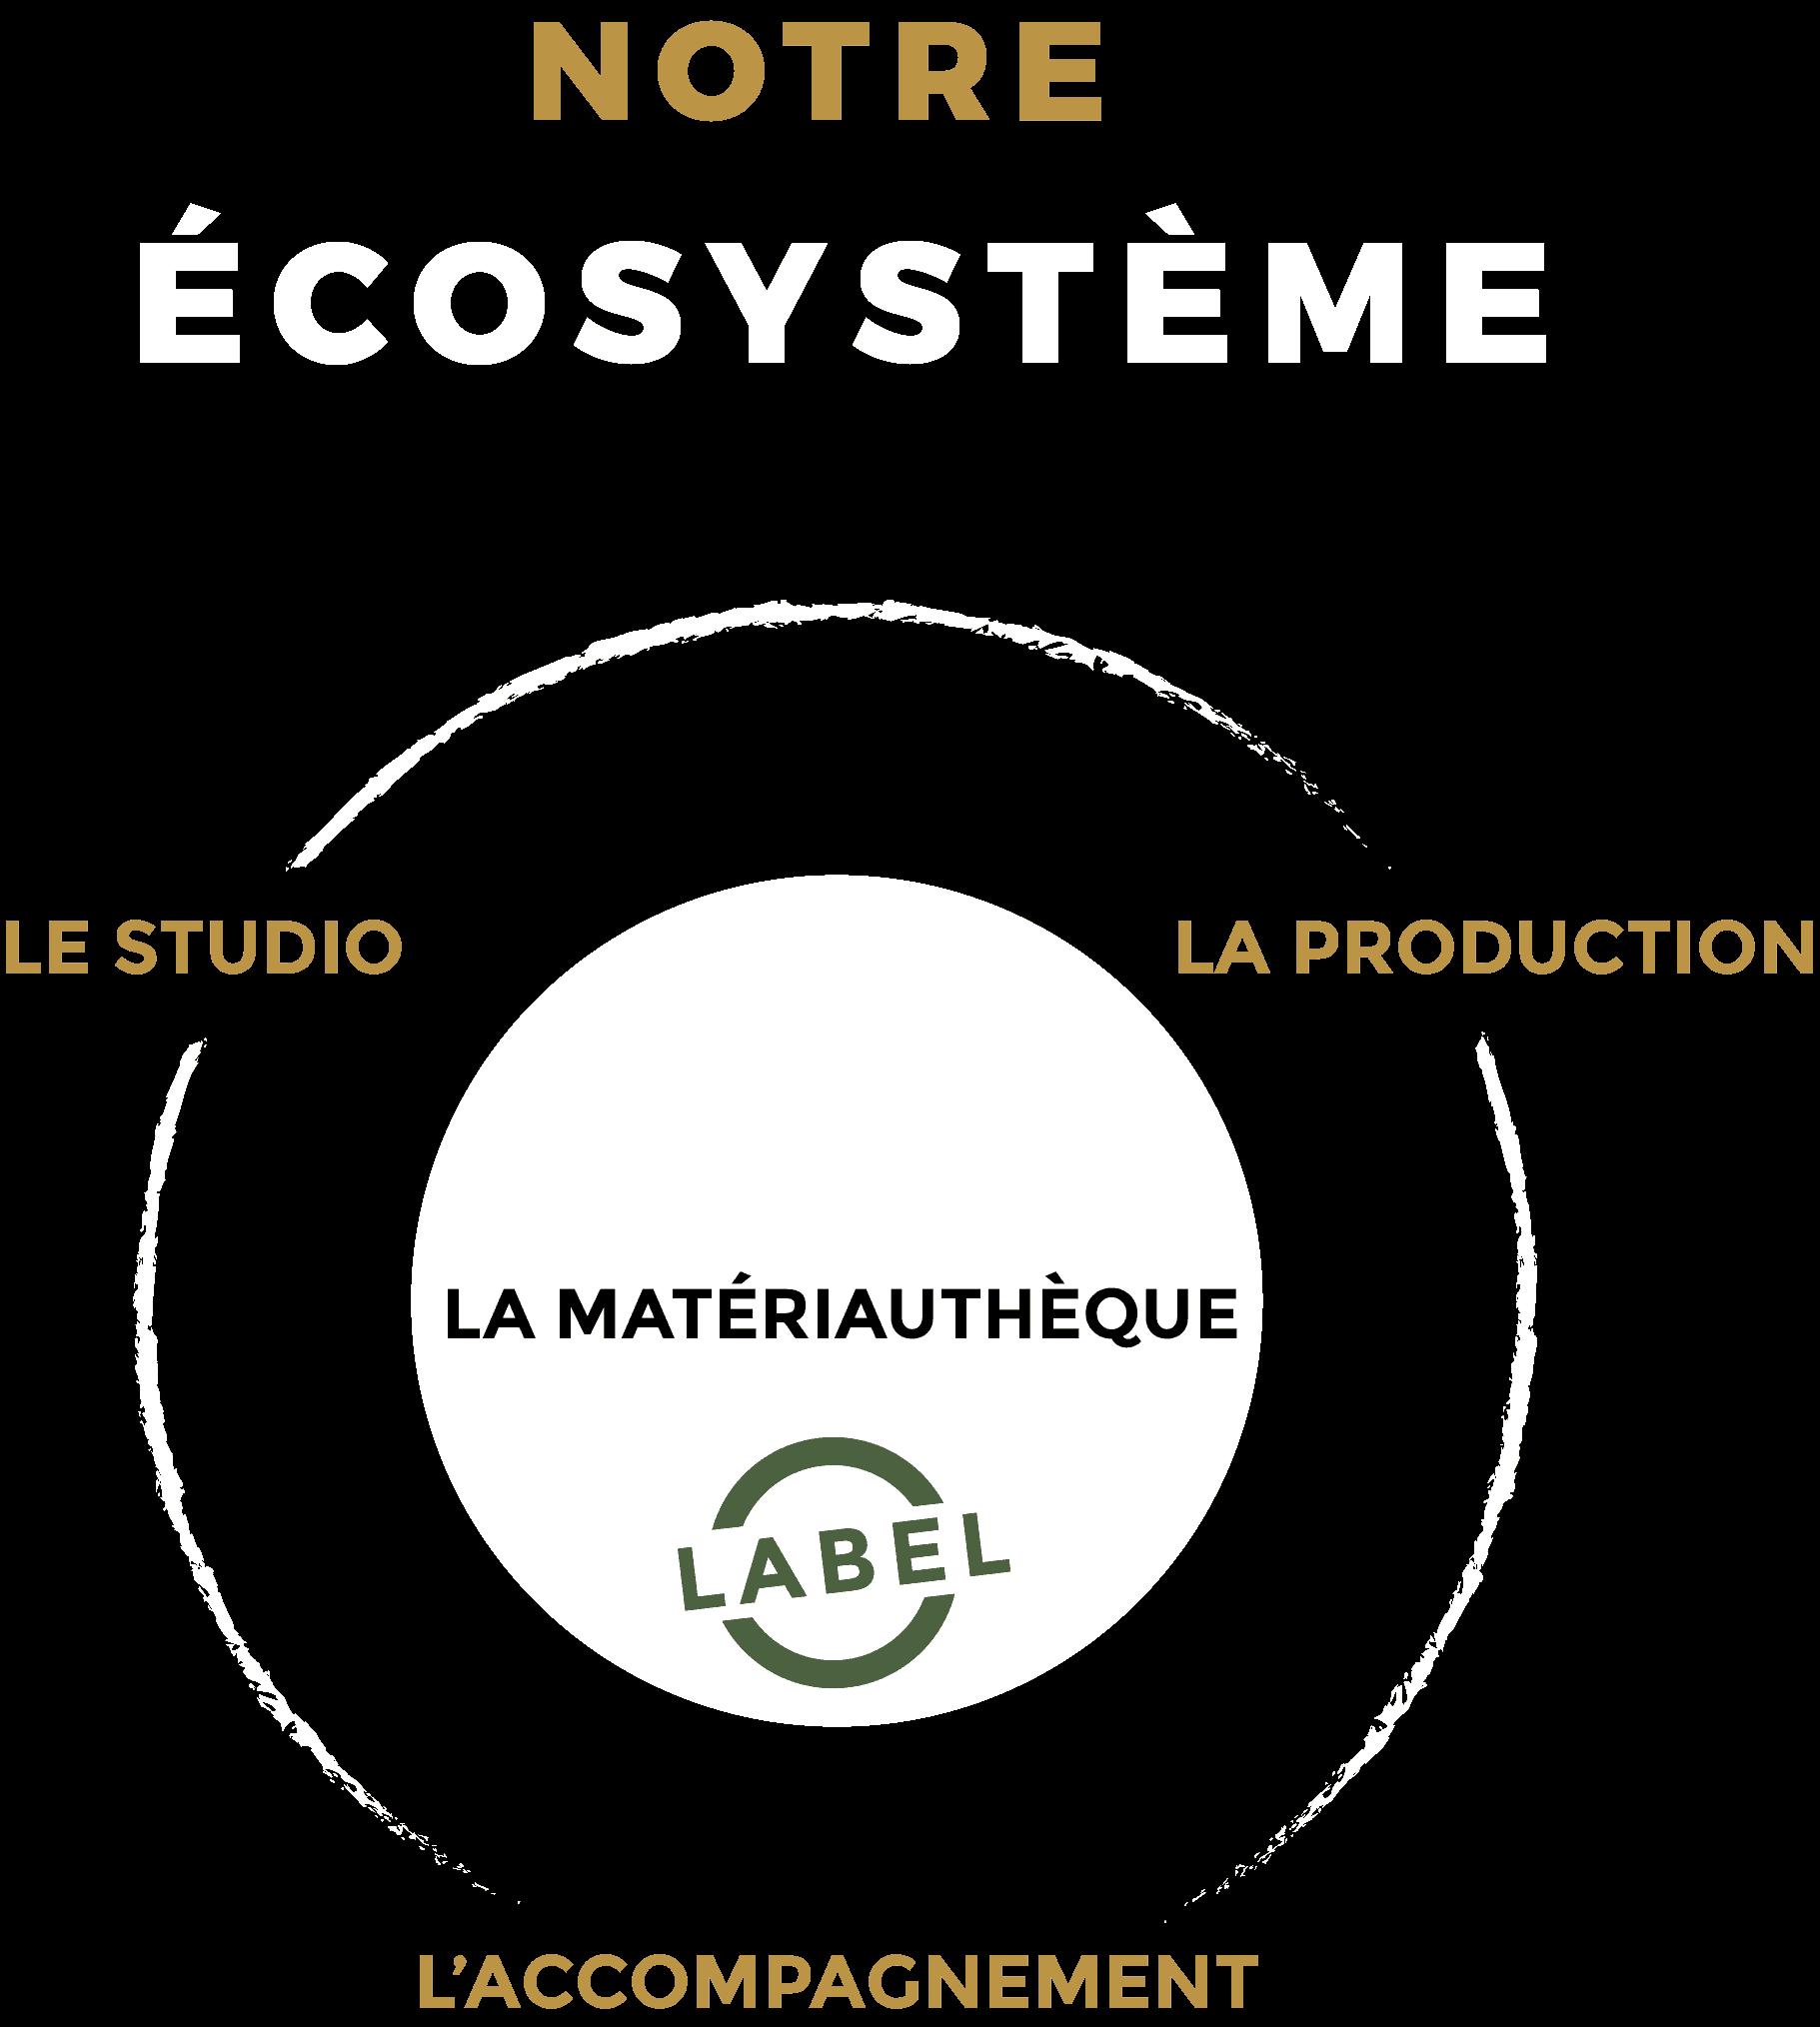 Notre écosystème